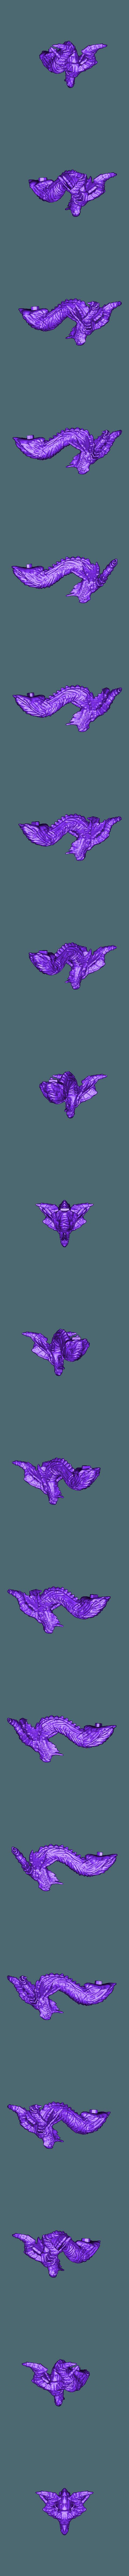 undead_dragon_head.stl Download free STL file Undead dragon • 3D print model, schlossbauer